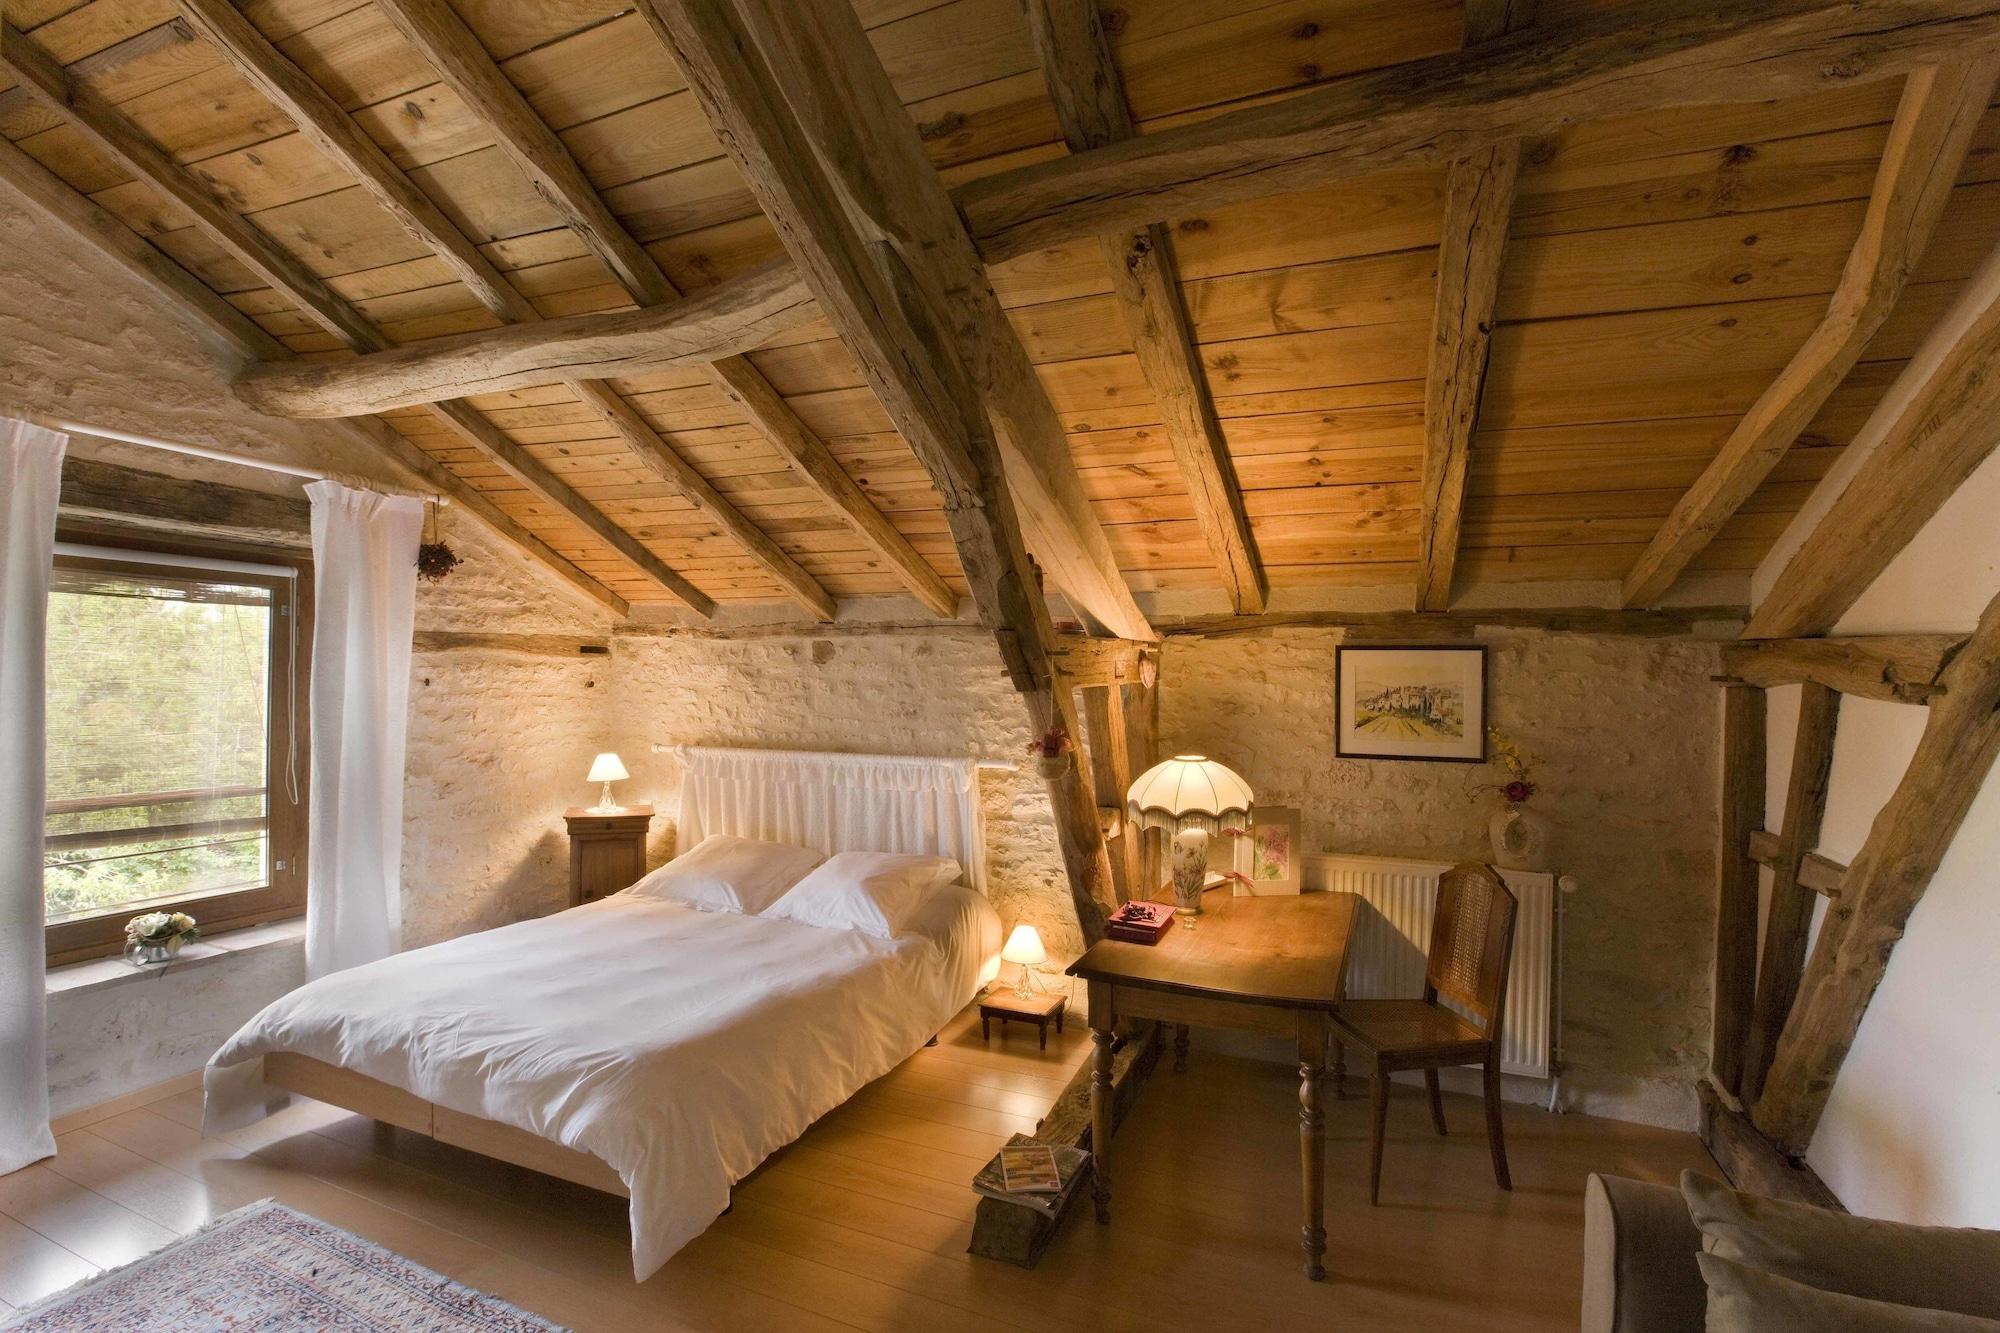 Chambres & Table d'Hôtes La Vayssade, Lot